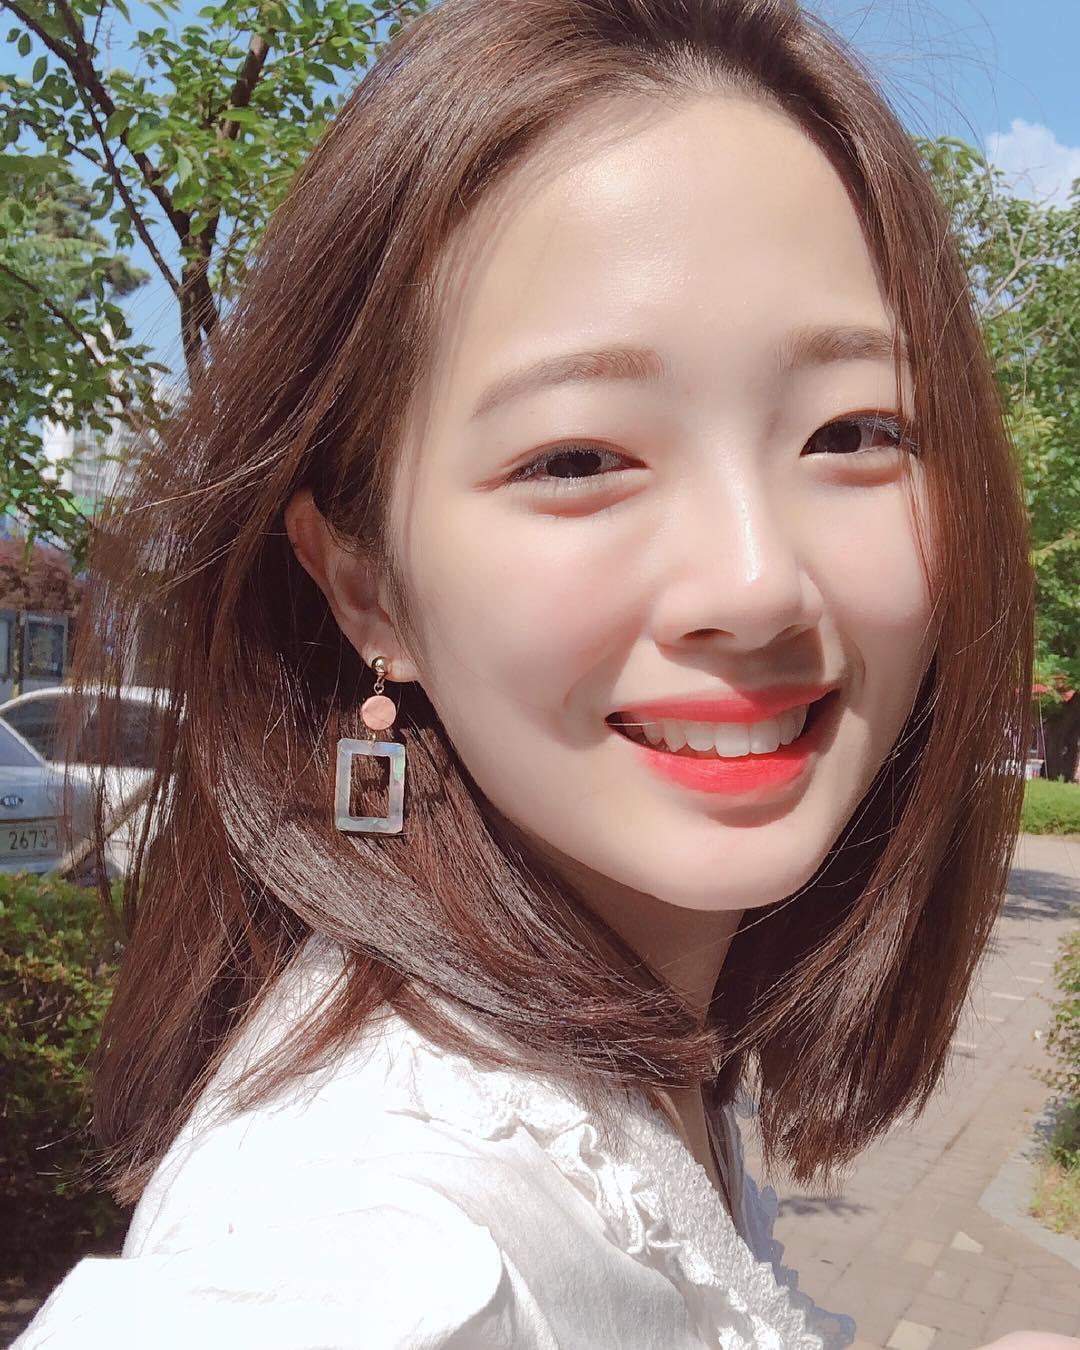 秀智+雪莉+雪莉?因为明星脸这位韩国大学生爆红,进军演艺圈指日可待!插图7